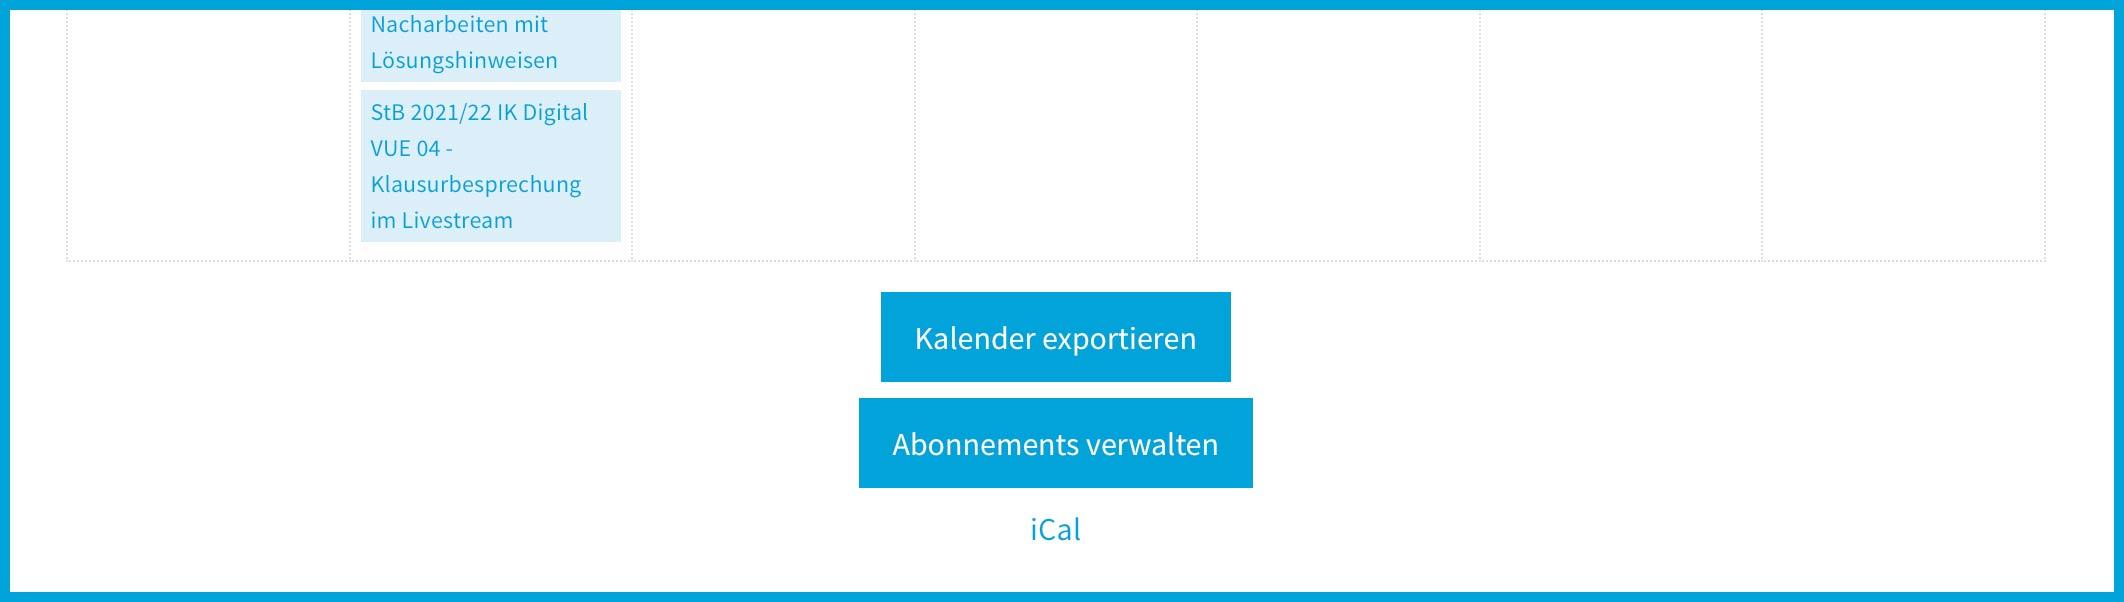 knoll_kalender_011.jpg